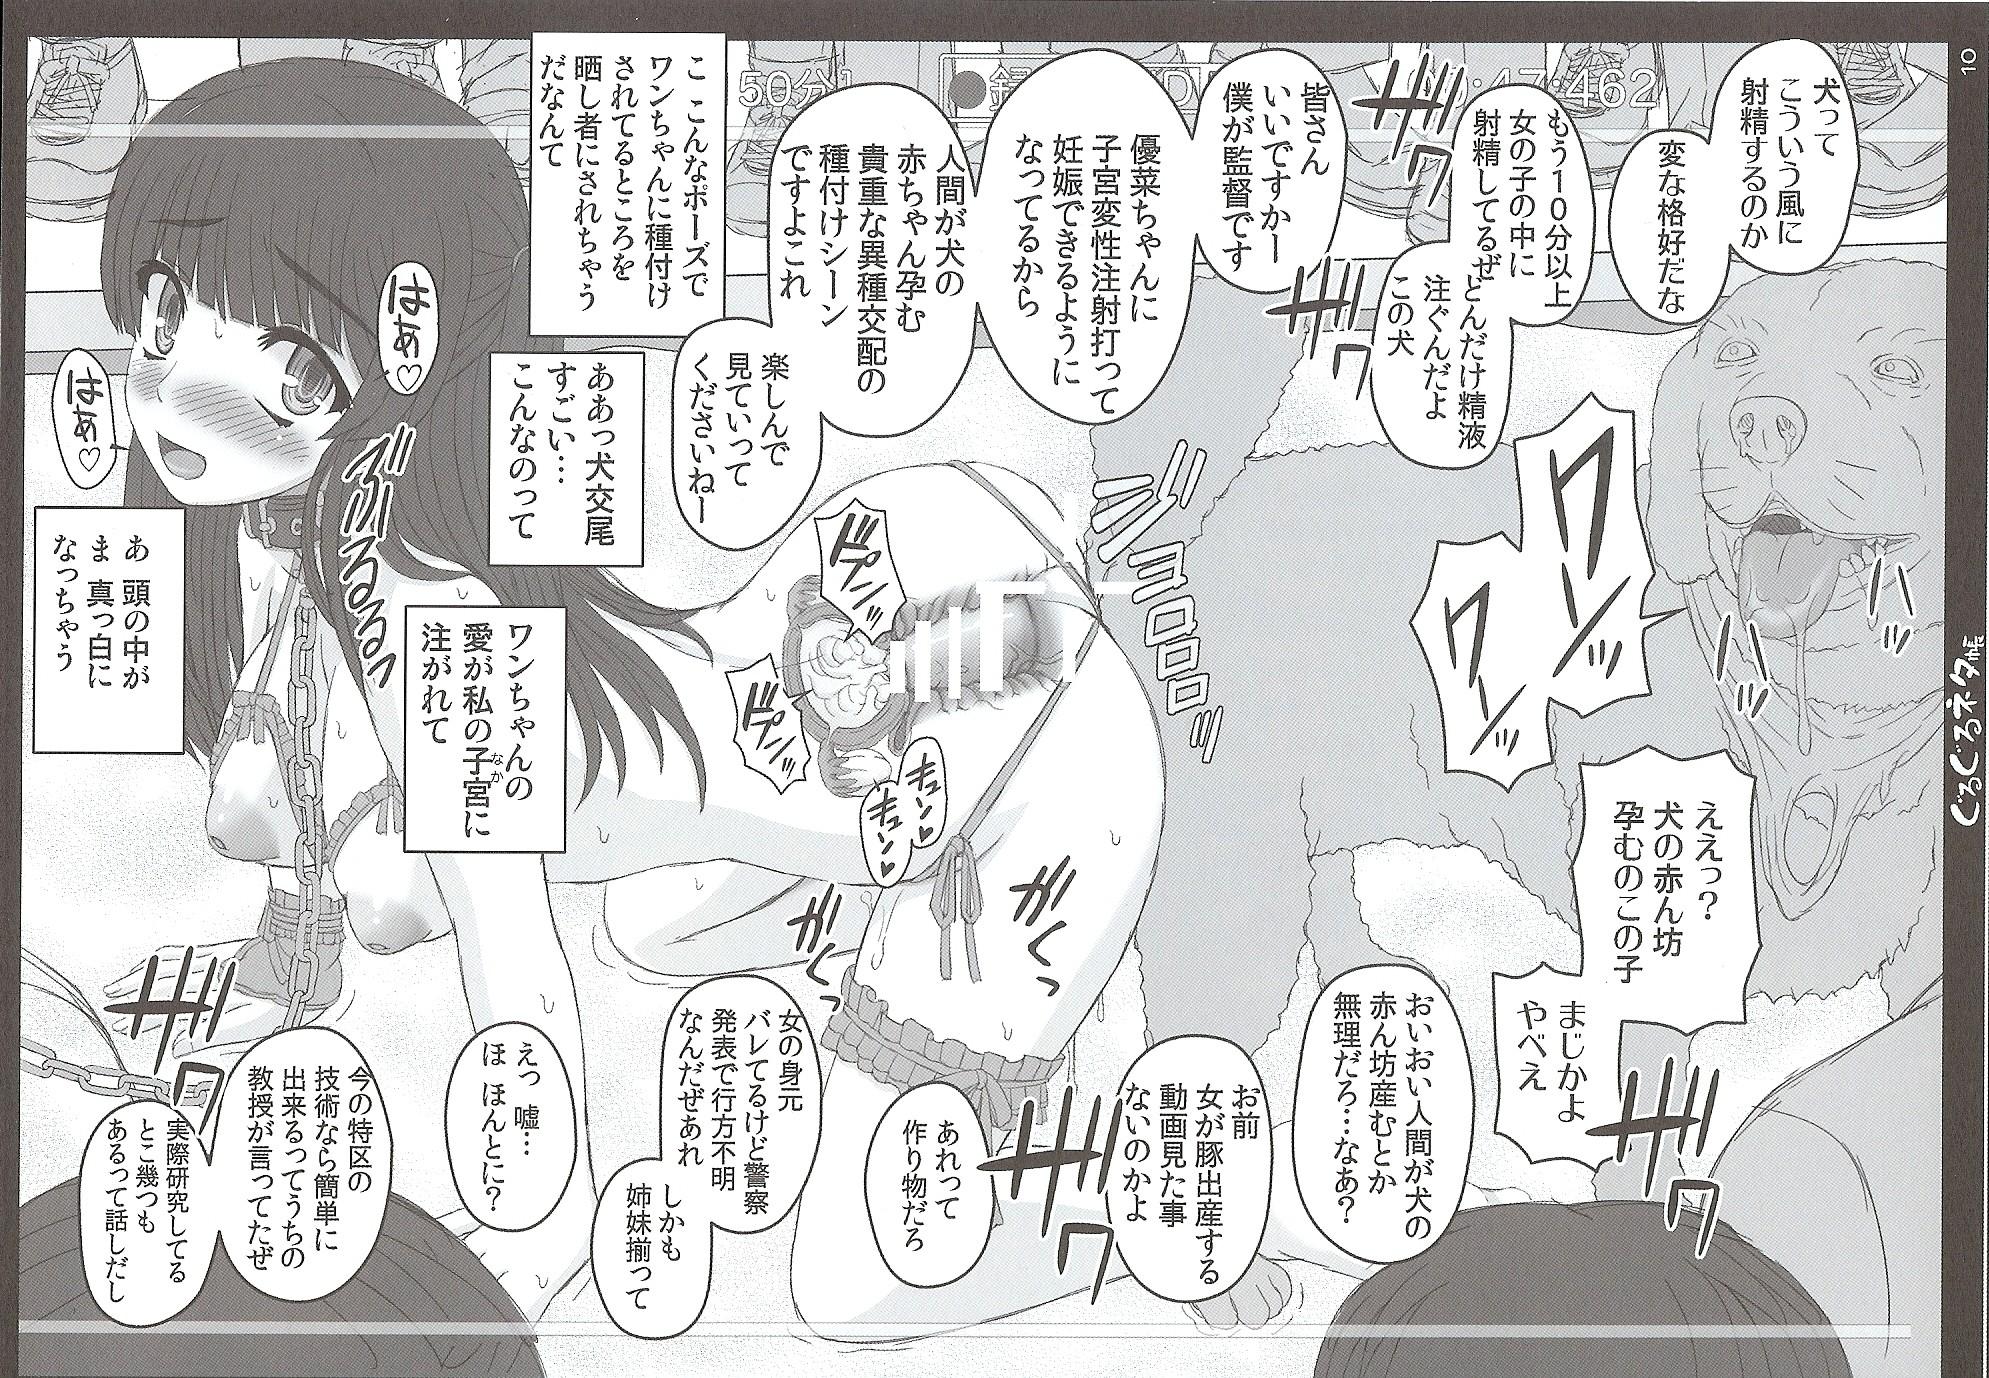 【エロ漫画・エロ同人誌】巨乳女子校生が野良犬とセックスして処女喪失www (9)